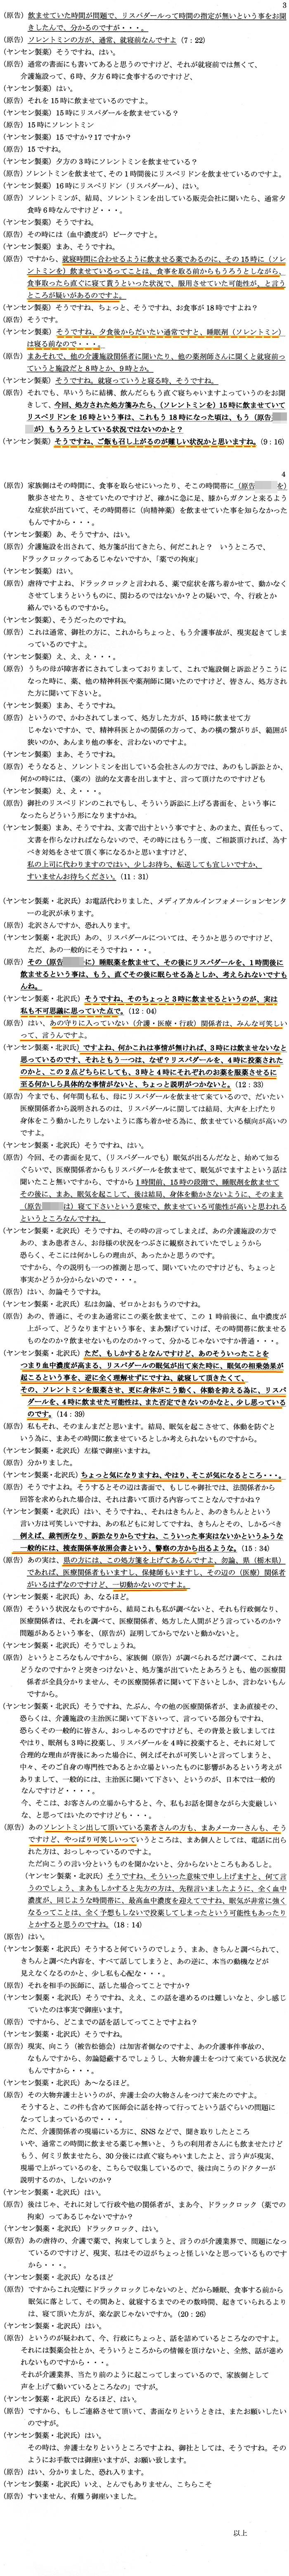 ヤンセンファーマ株式会社(リスペリドン)(反訳書)片岡孝施設長 松徳会 もてぎの森うごうだ城2